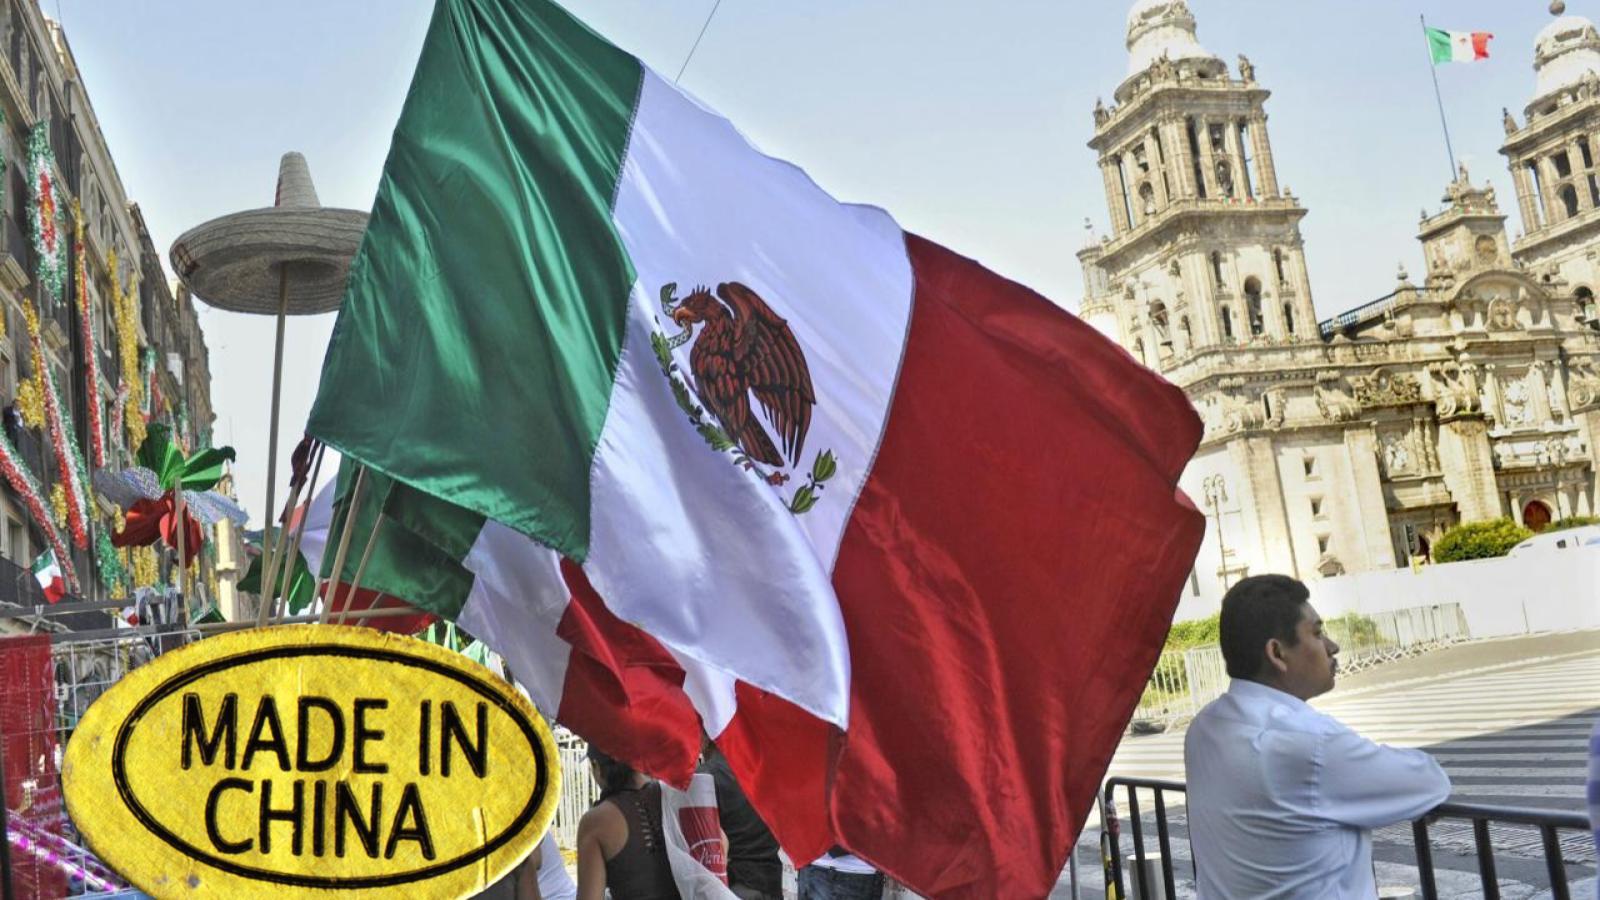 Tu bandera mexicana para el grito fue hecha en China